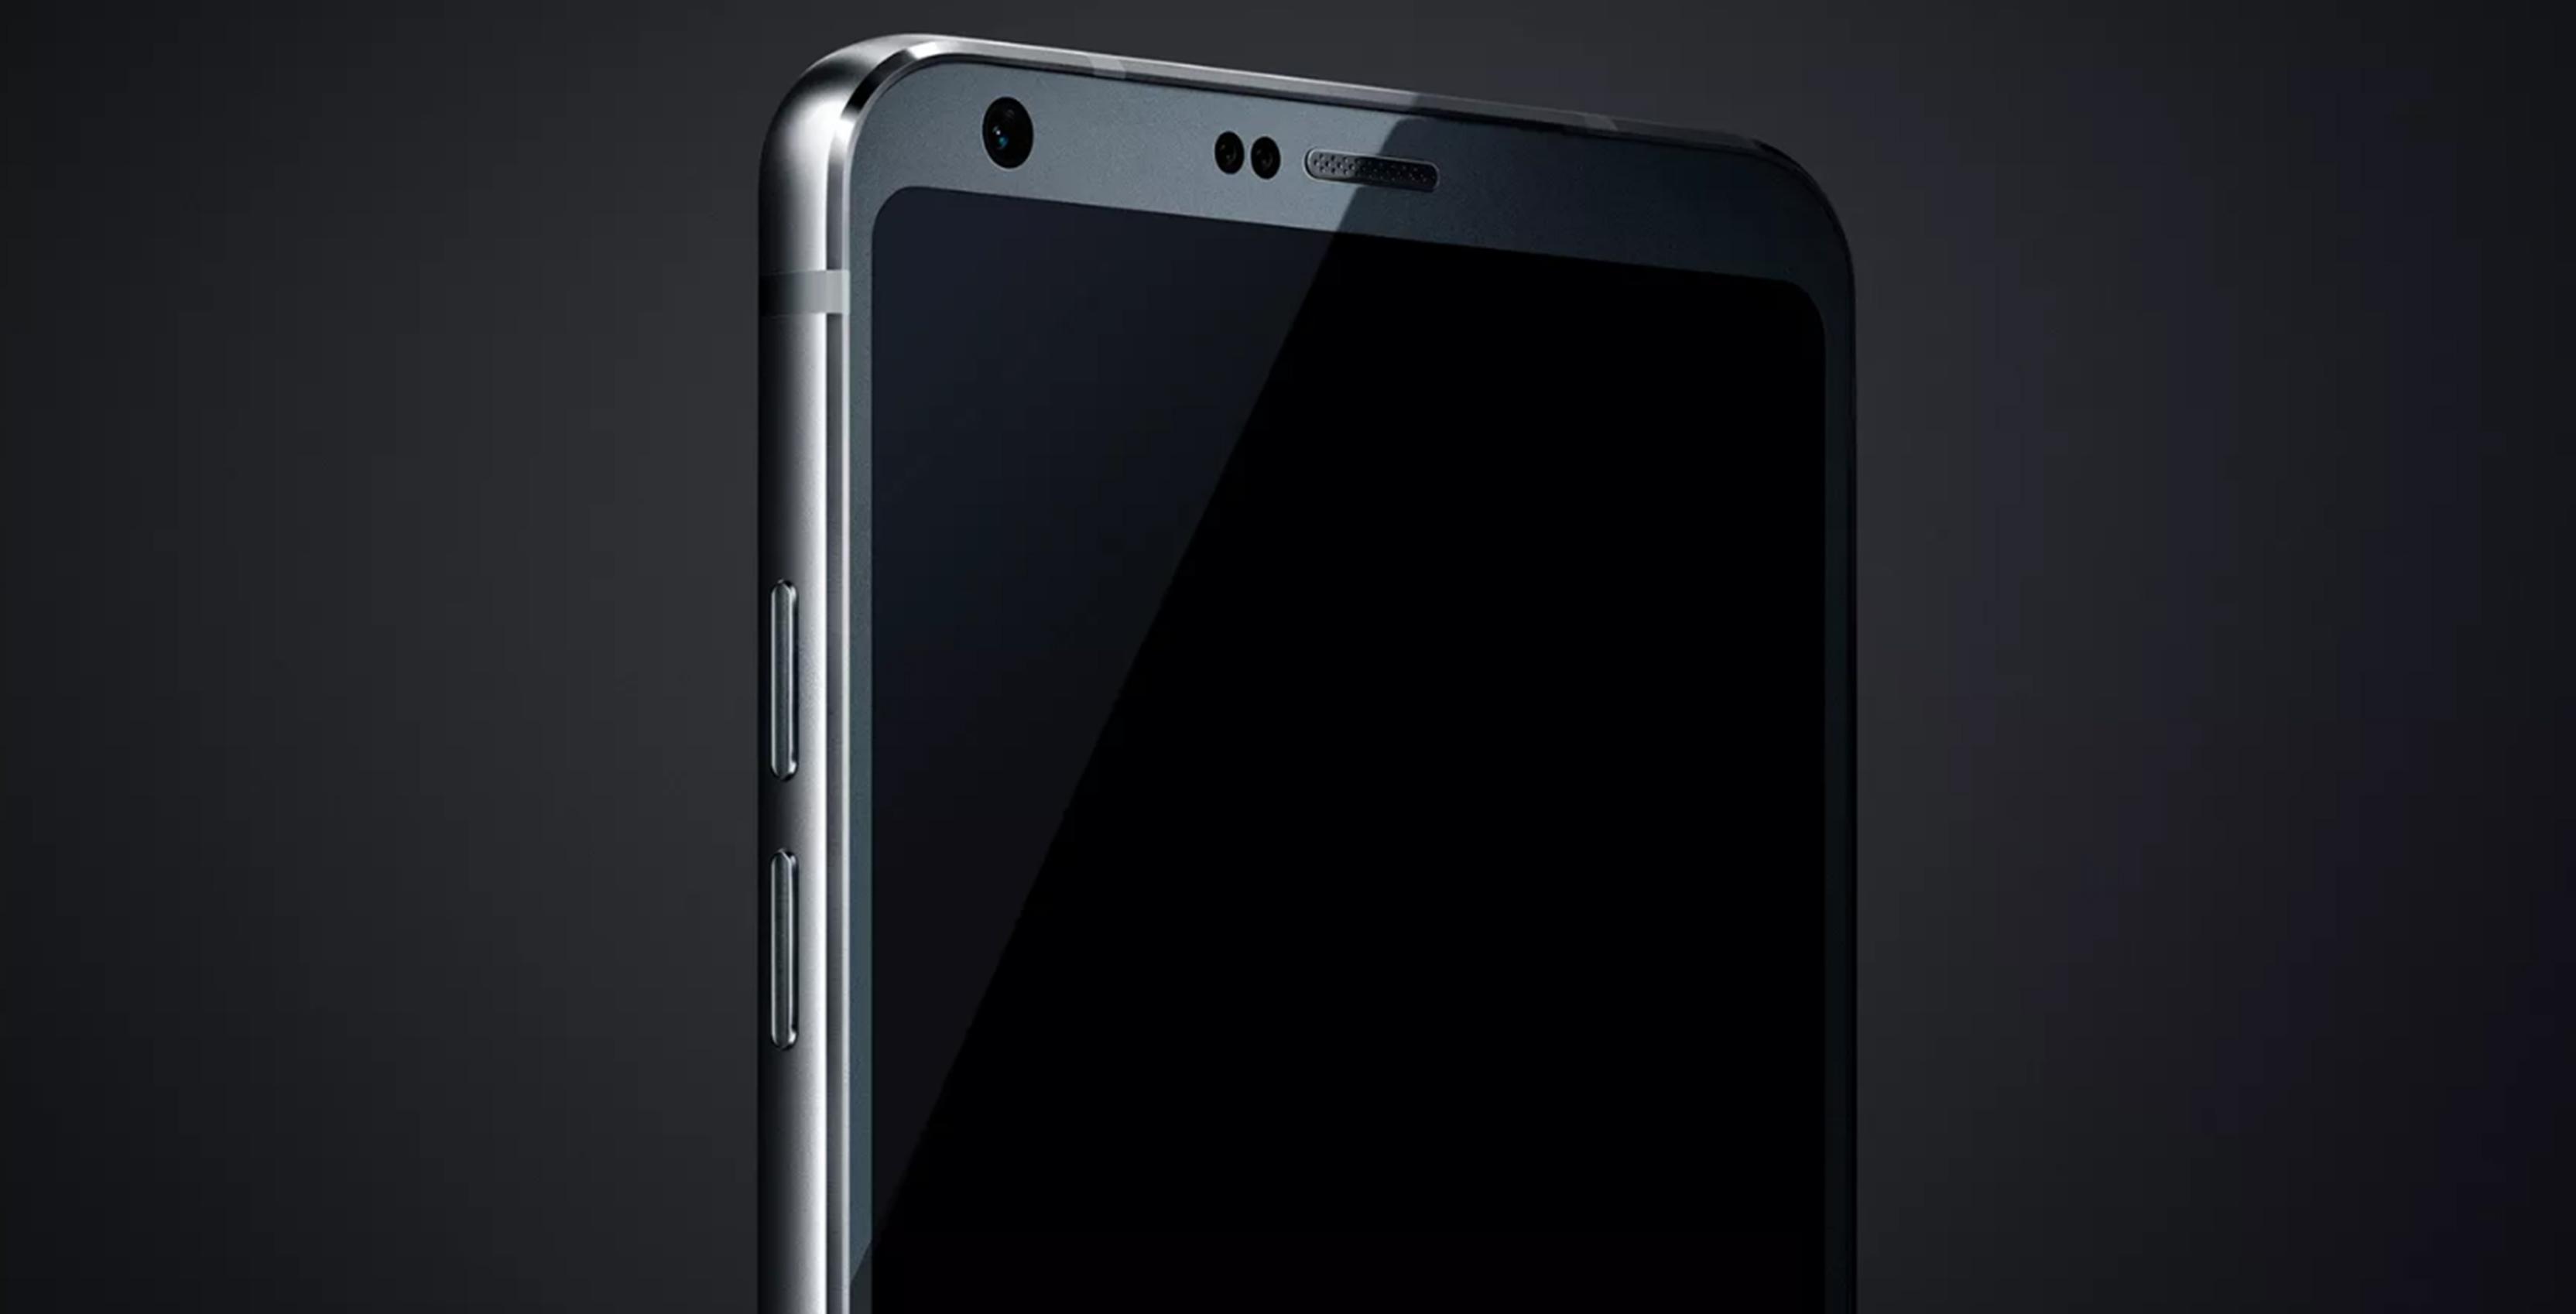 LG G6 leaked image